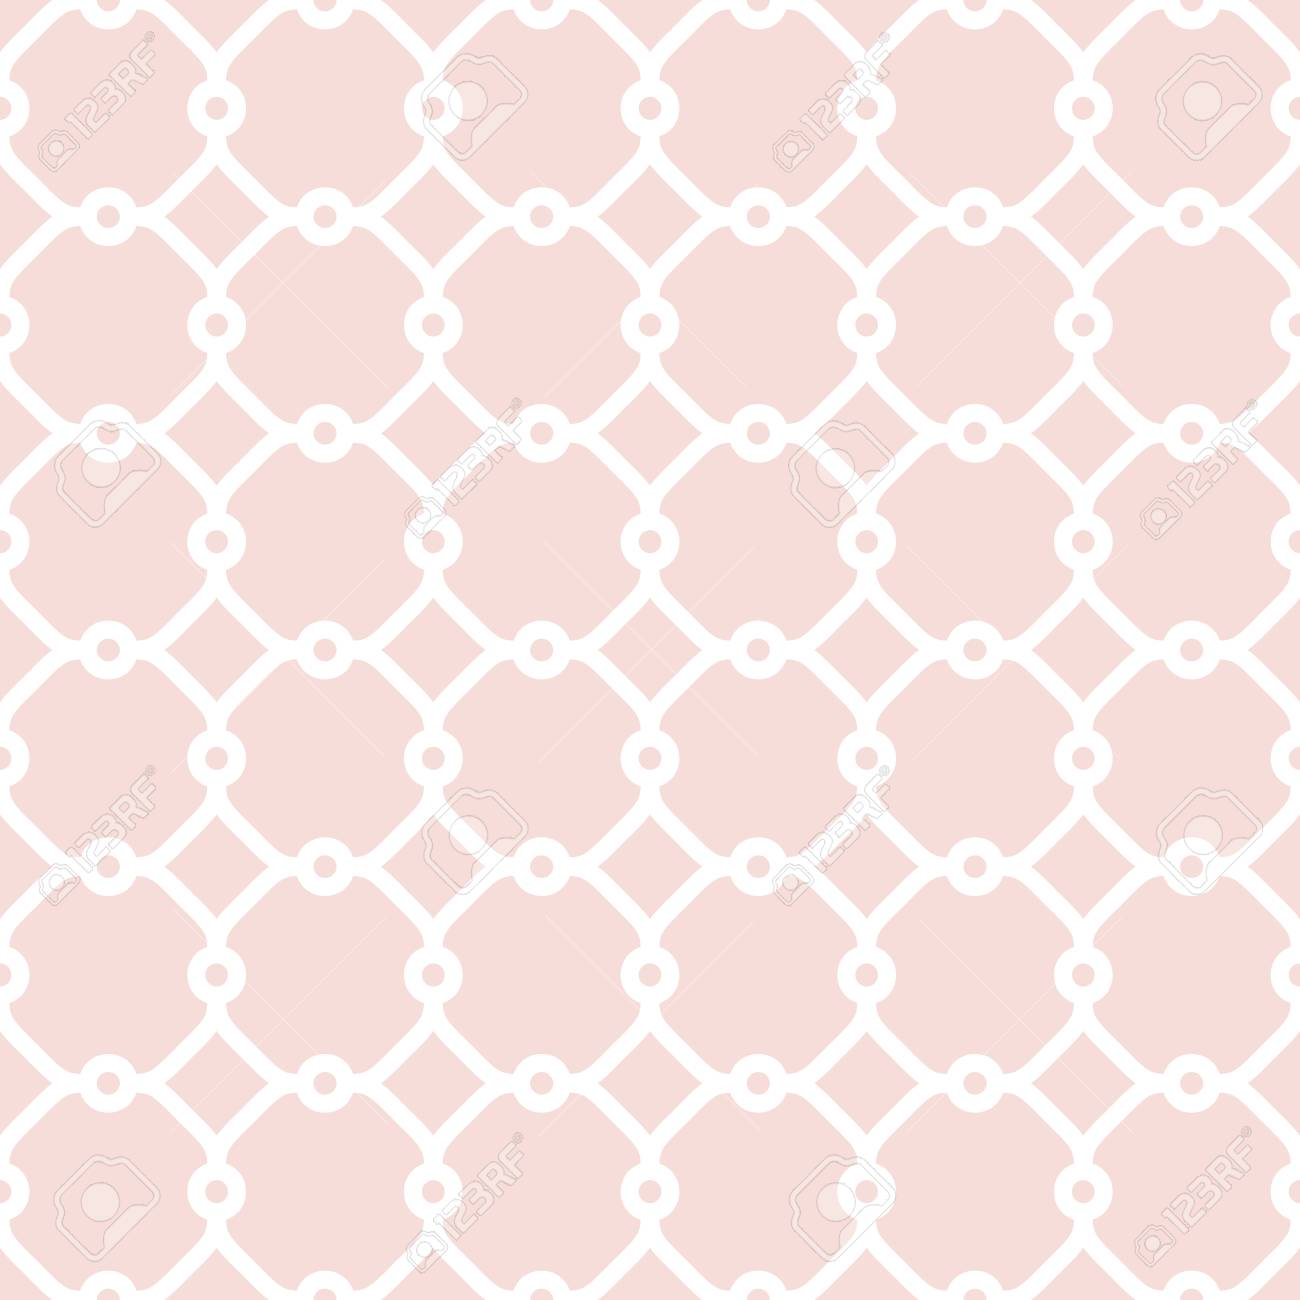 feine geometrische rosa und wei muster mit orientalischen elementen nahtlose grill fr tapeten und - Tapete Orientalisches Muster